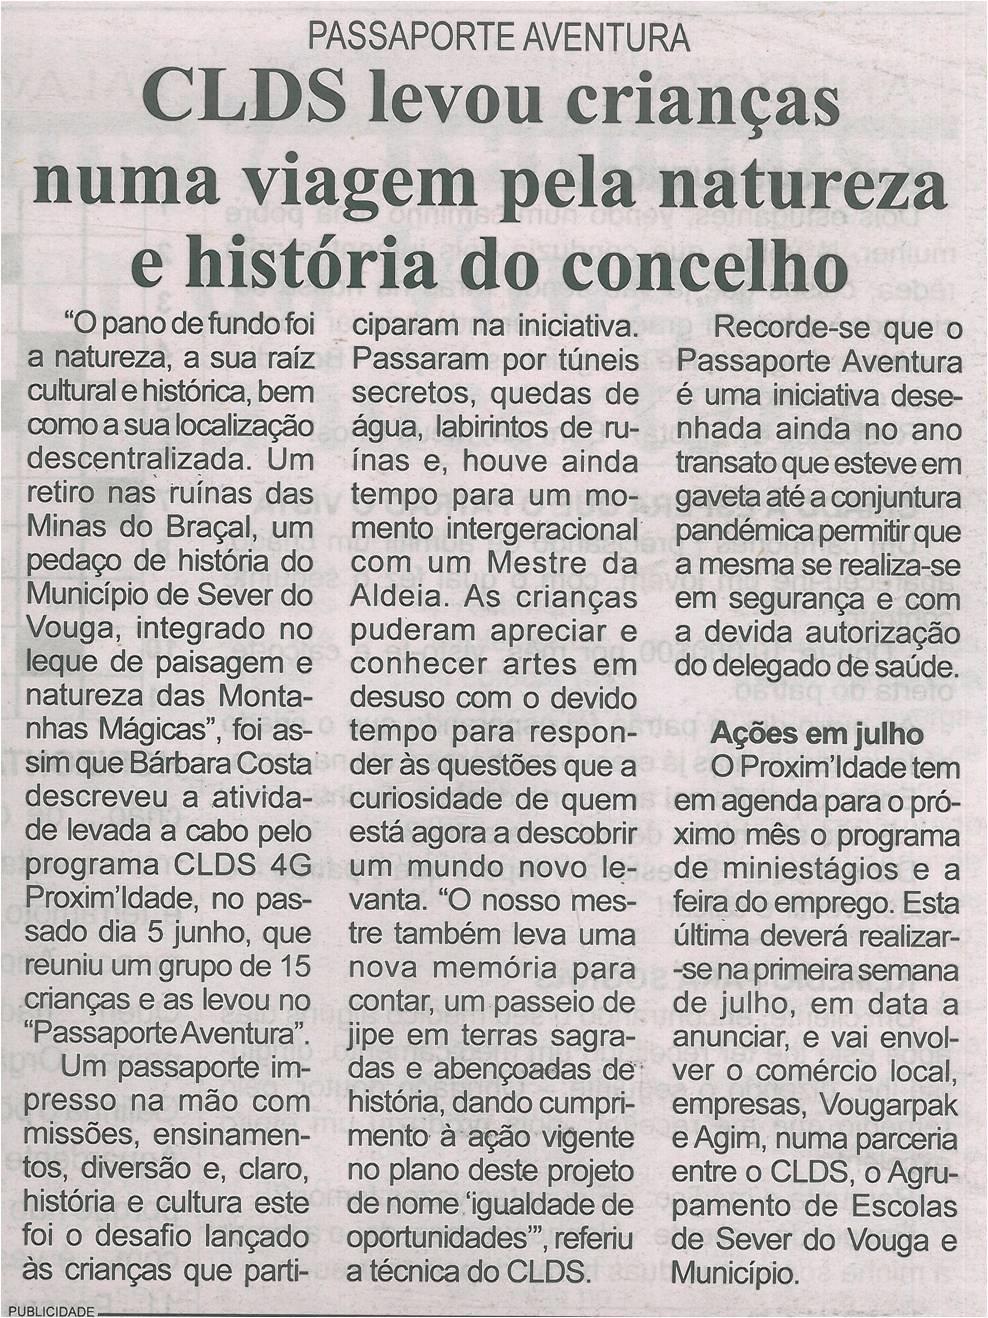 BV-2.ªjun.'21-p.20-CLDS levou crianças numa viagem pela natureza e história do concelho : Passaporte Aventura.jpg